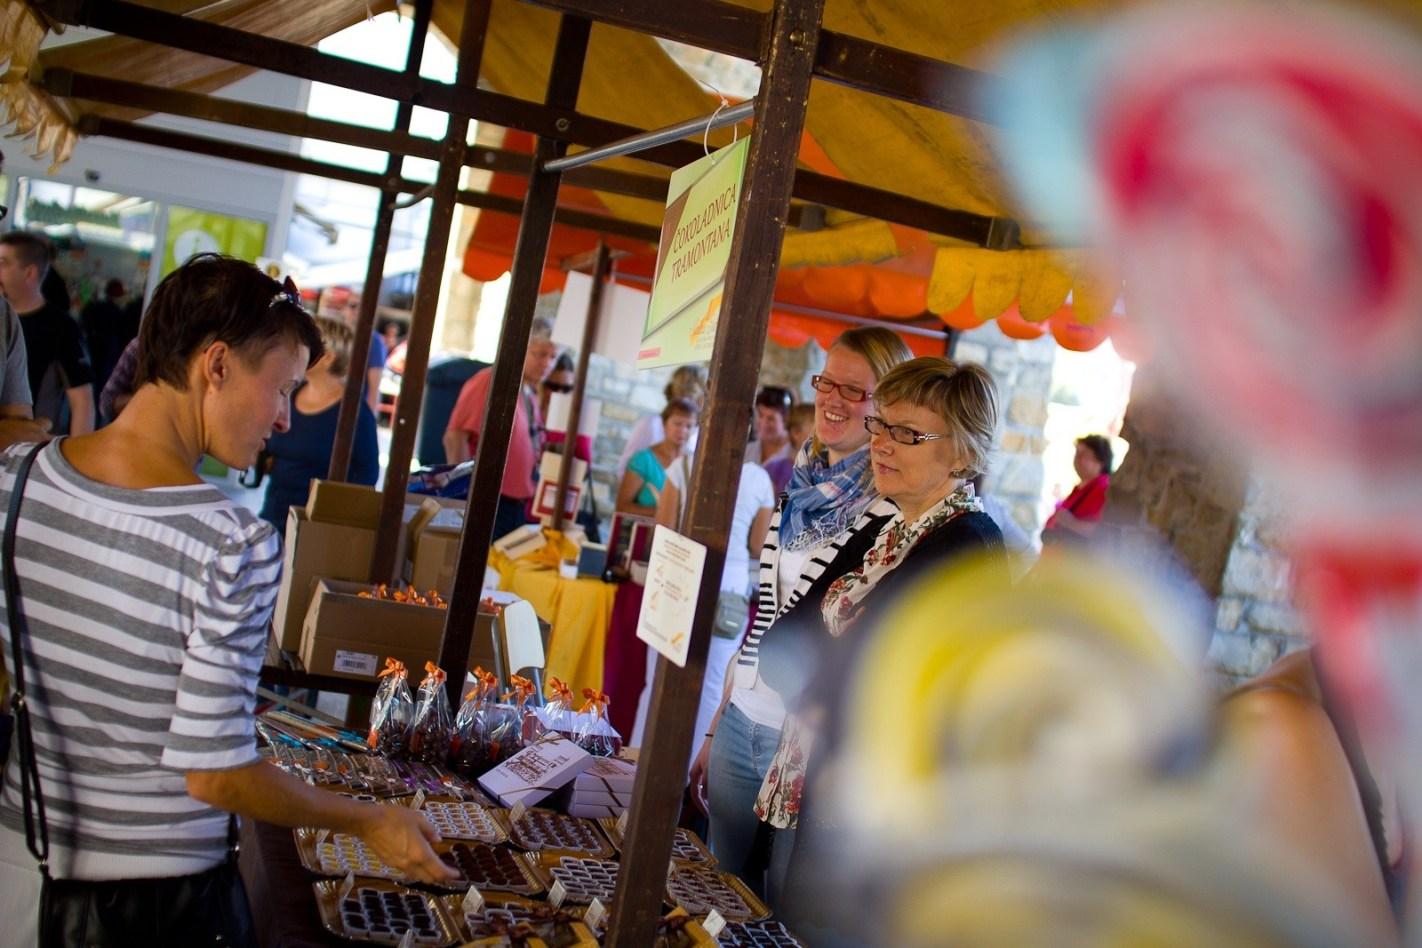 Sweet Istria sweet food festival in Koper, Slovenia